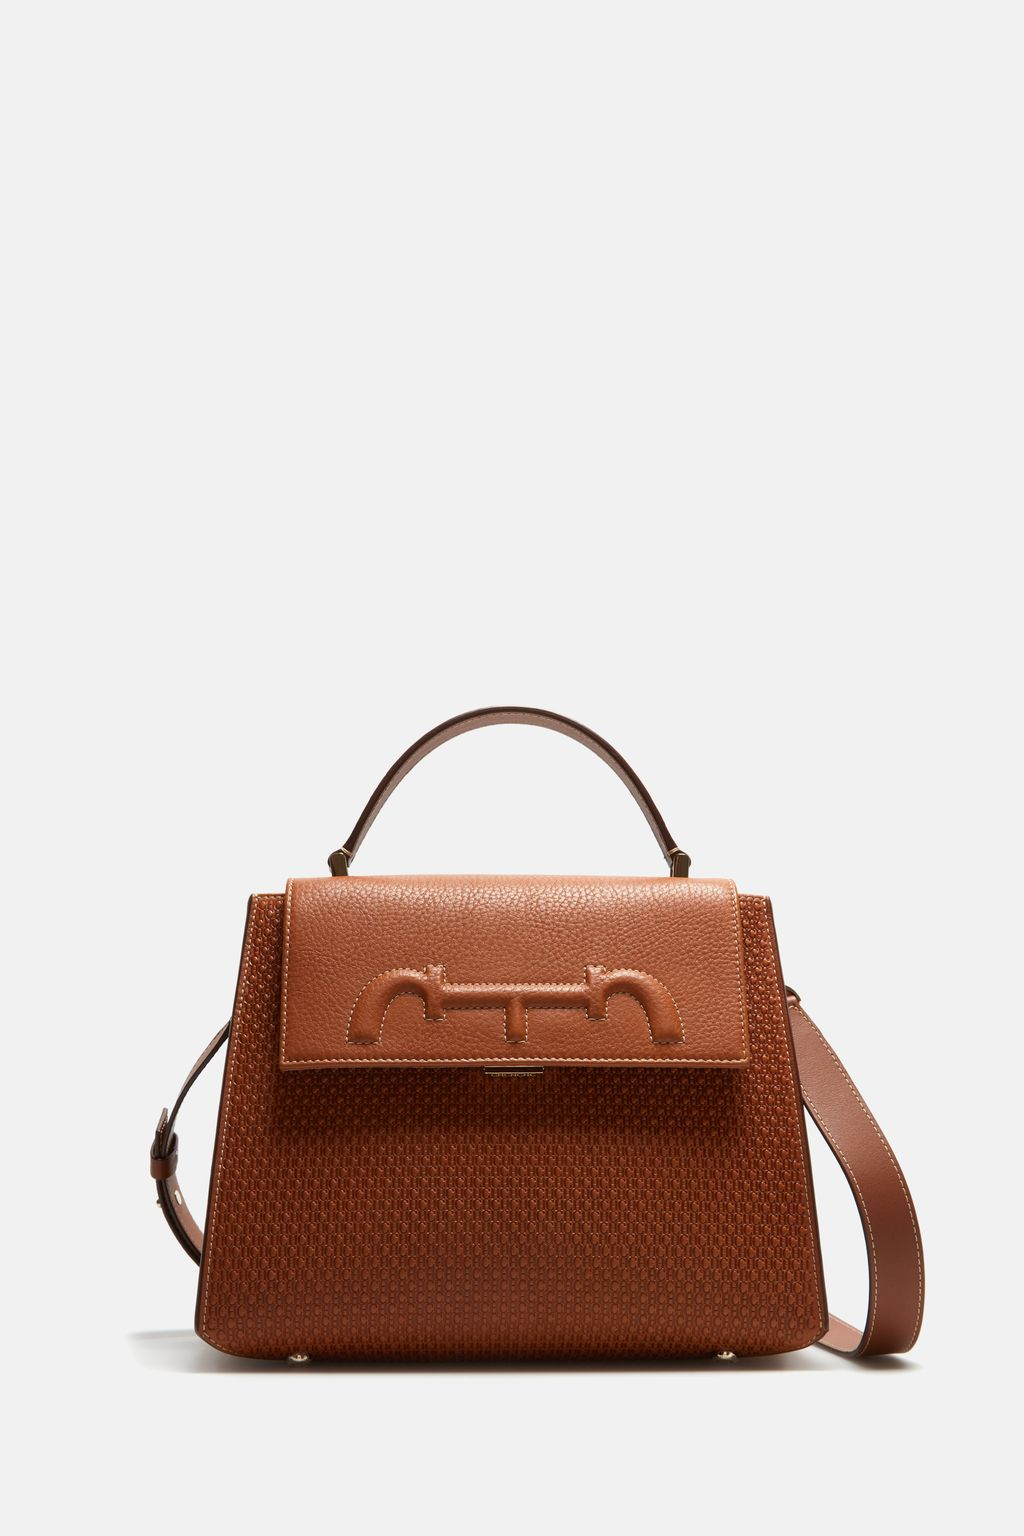 Doma Insignia Satchel | Medium shoulder bag